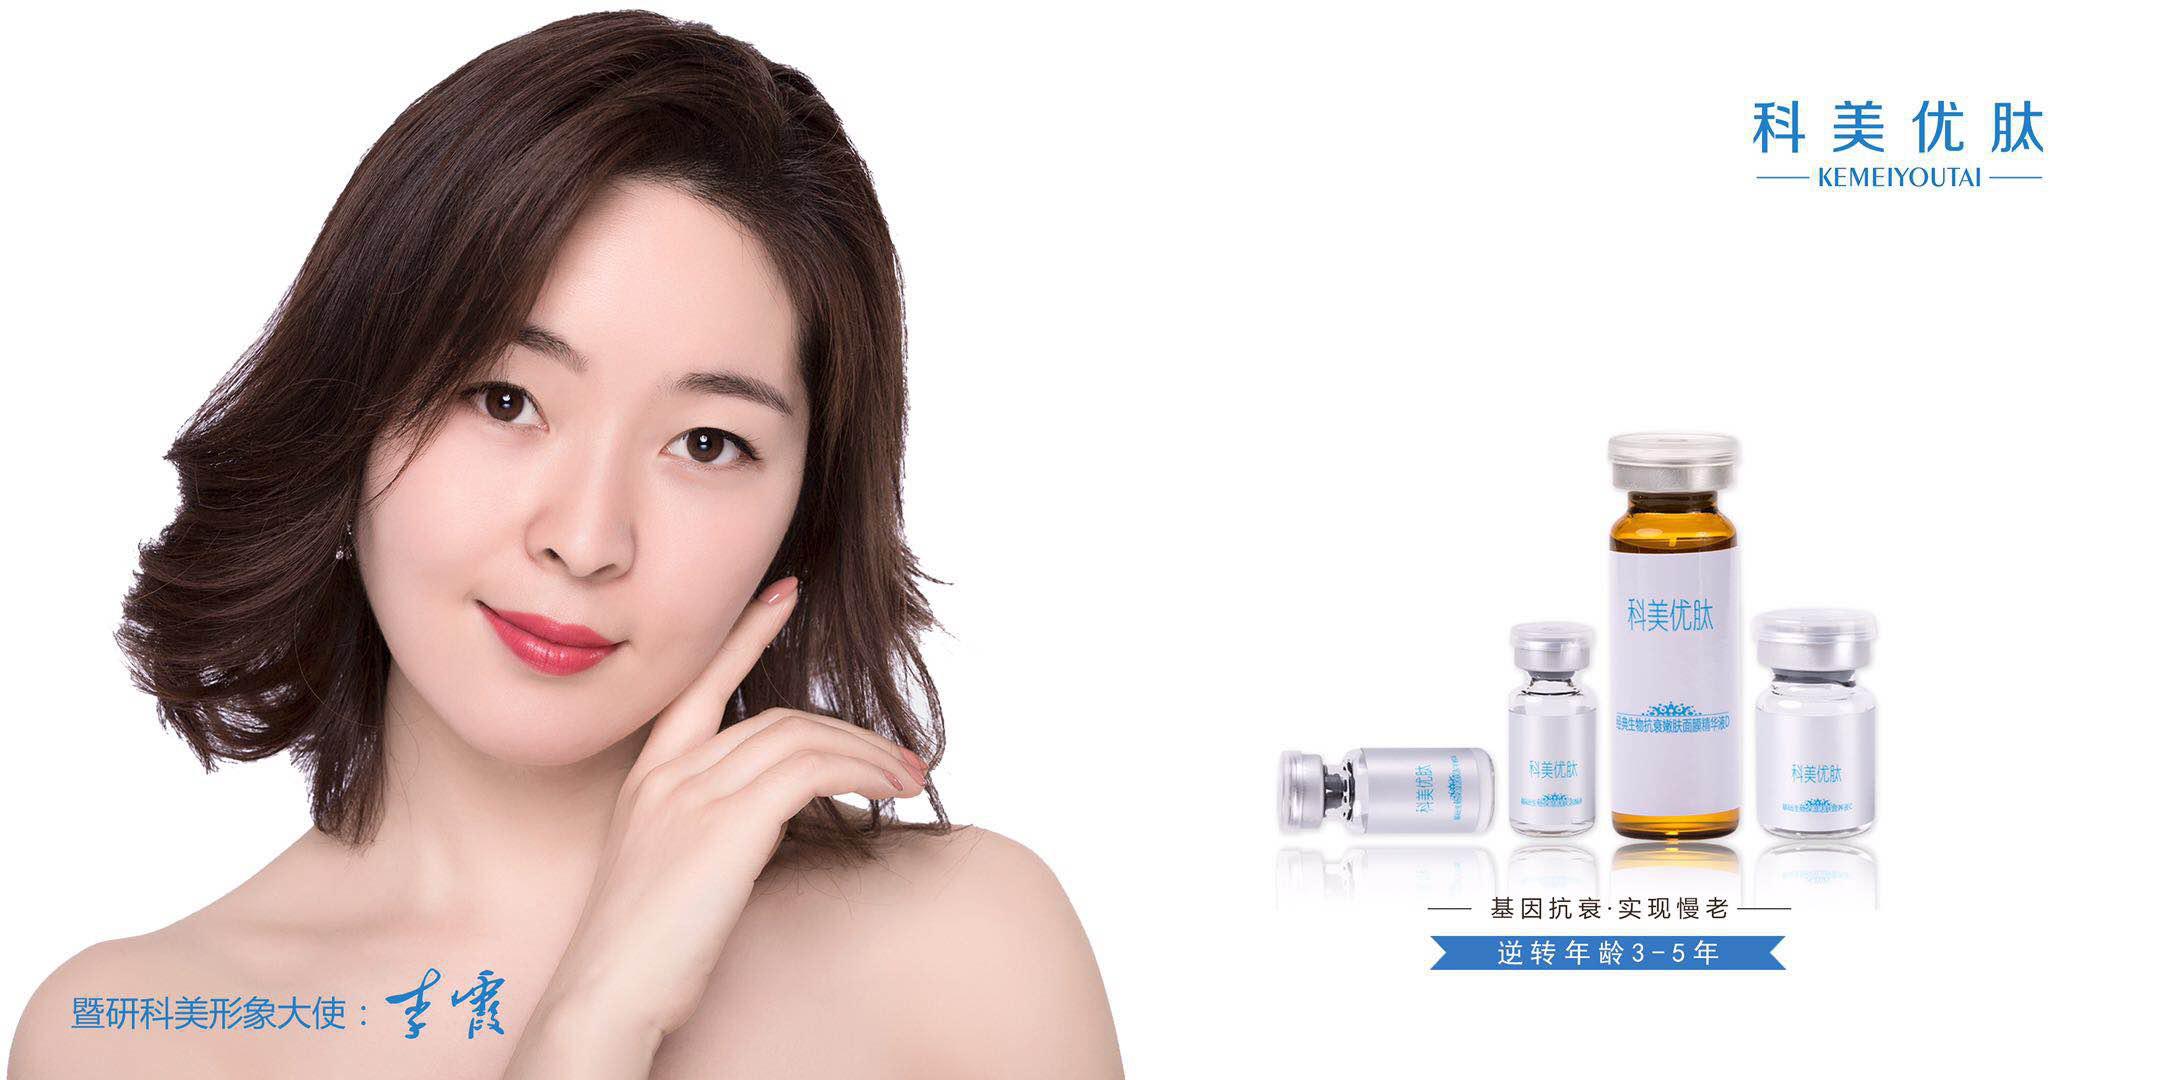 皮肤干燥 发黄缺水严重 科美优肽给你最佳解决方案